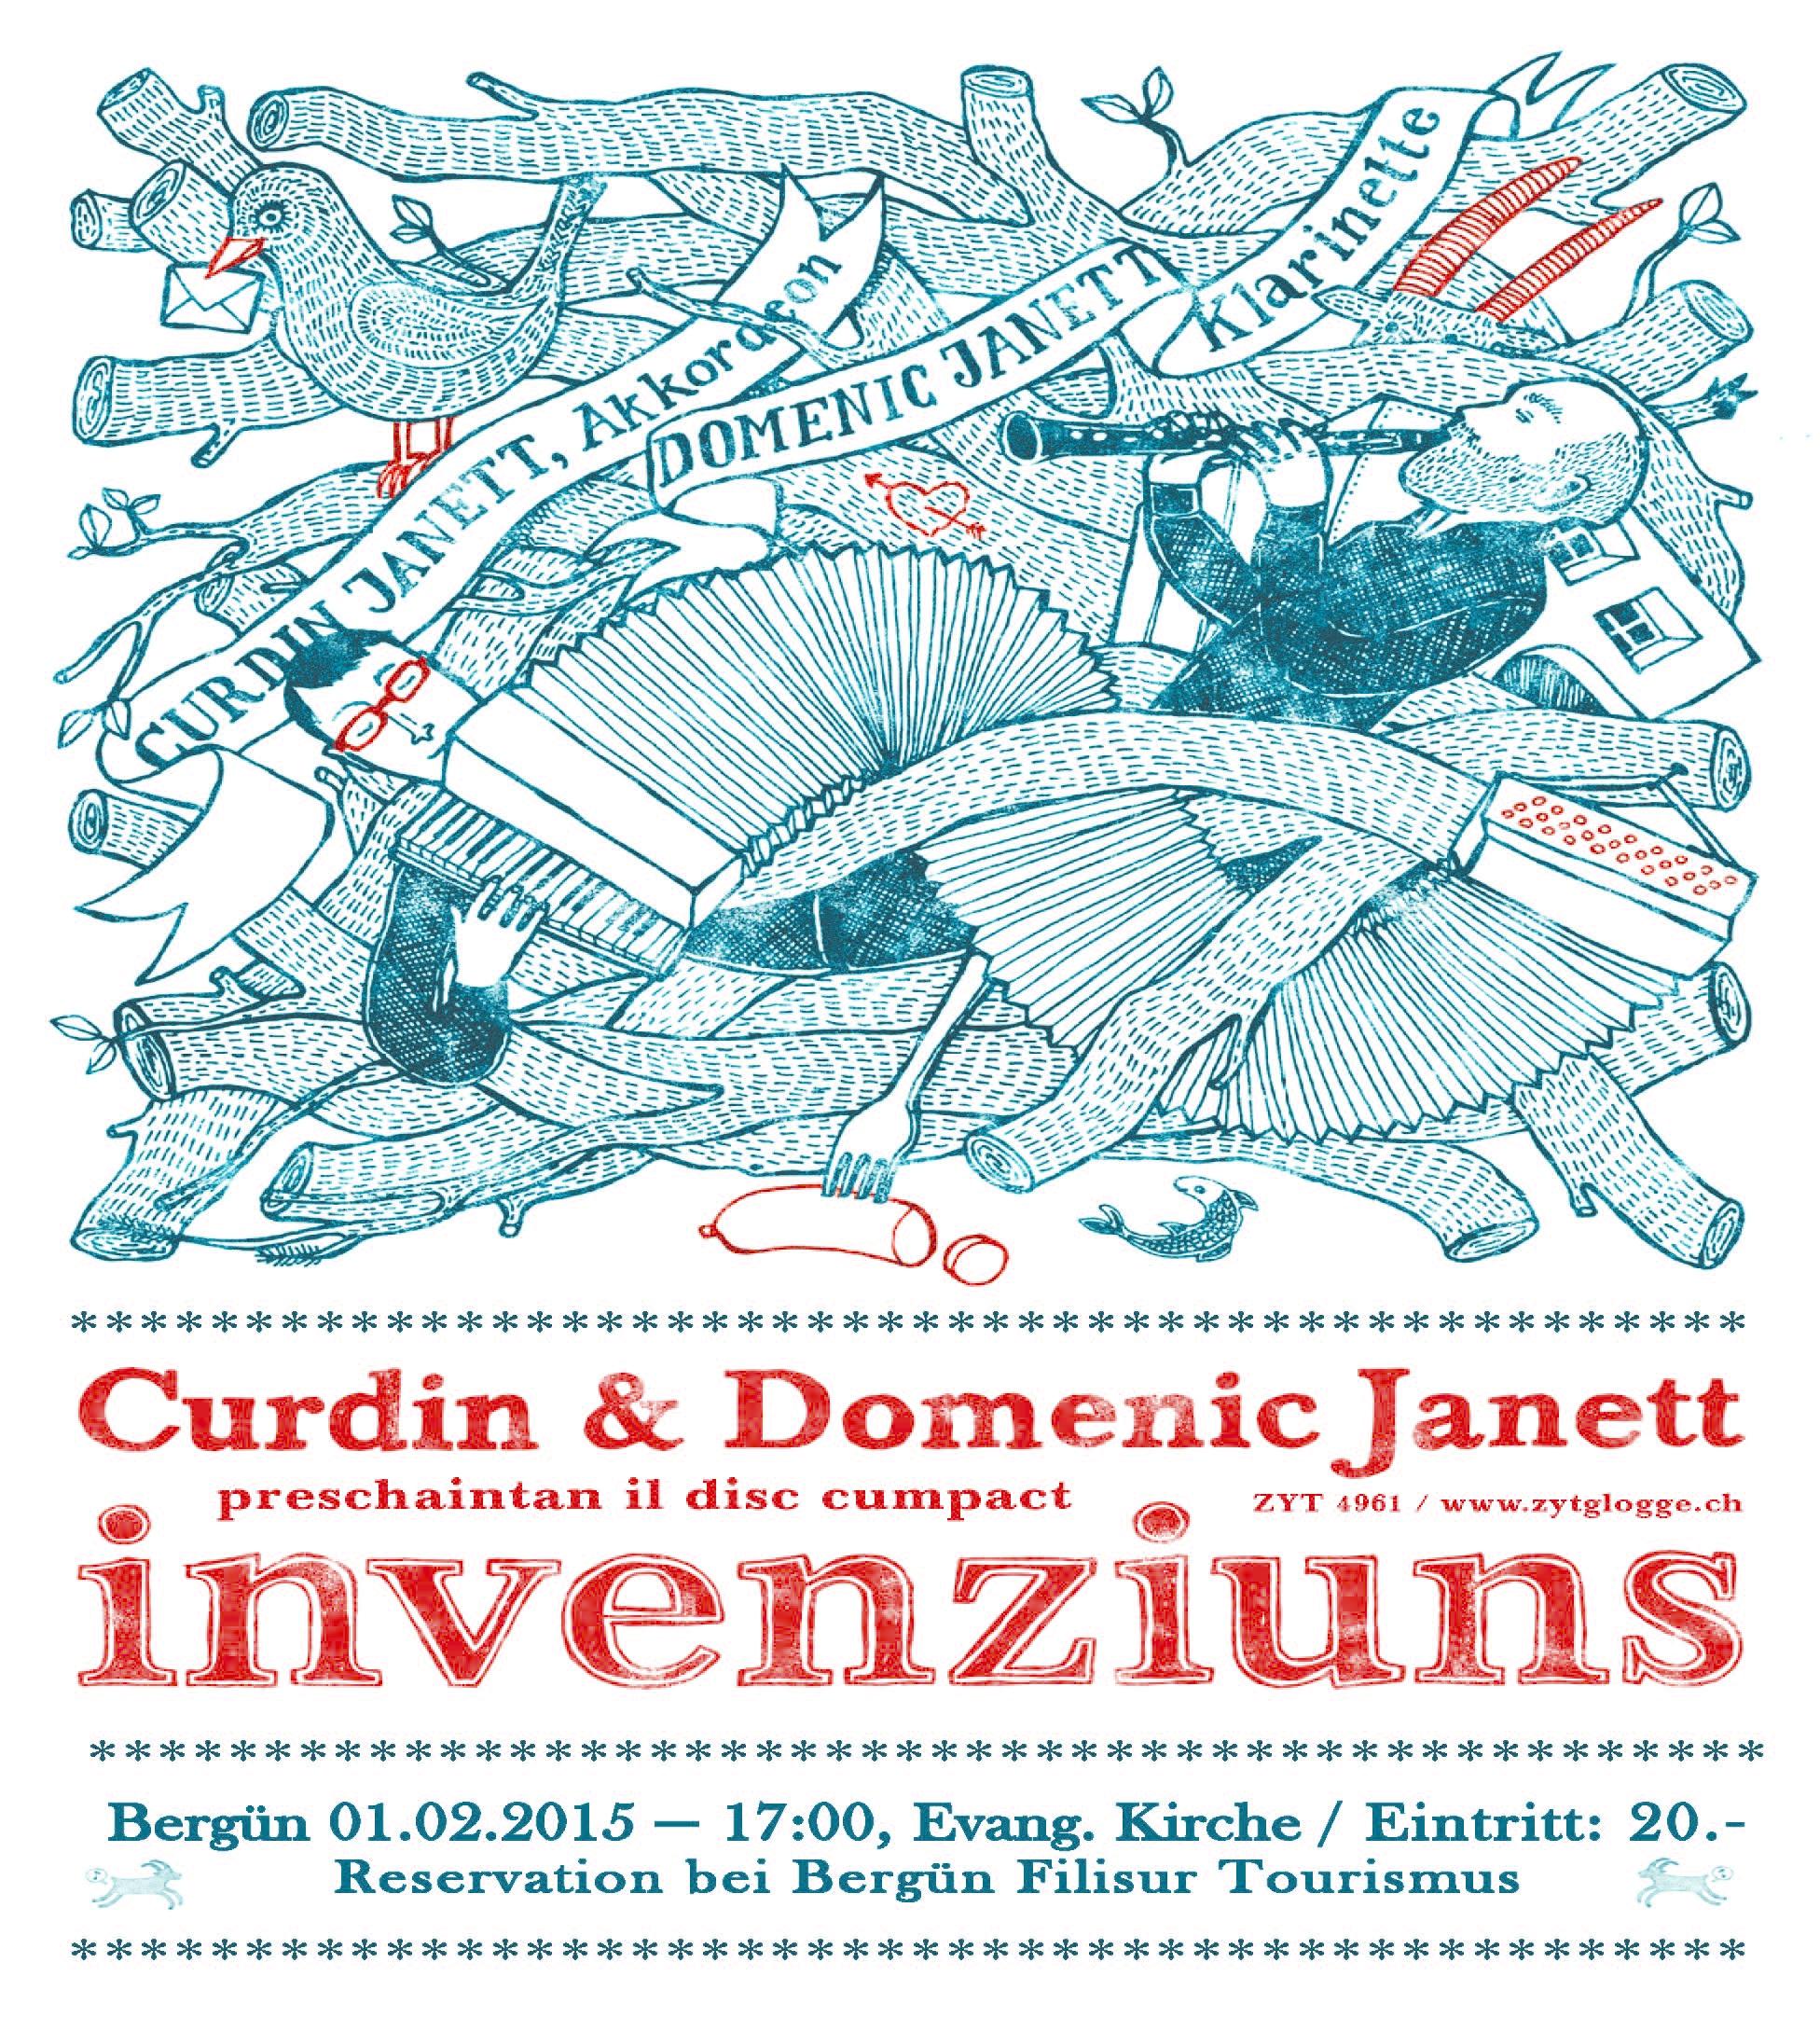 Konzert Curdin und Domenic Janett - Invenziuns